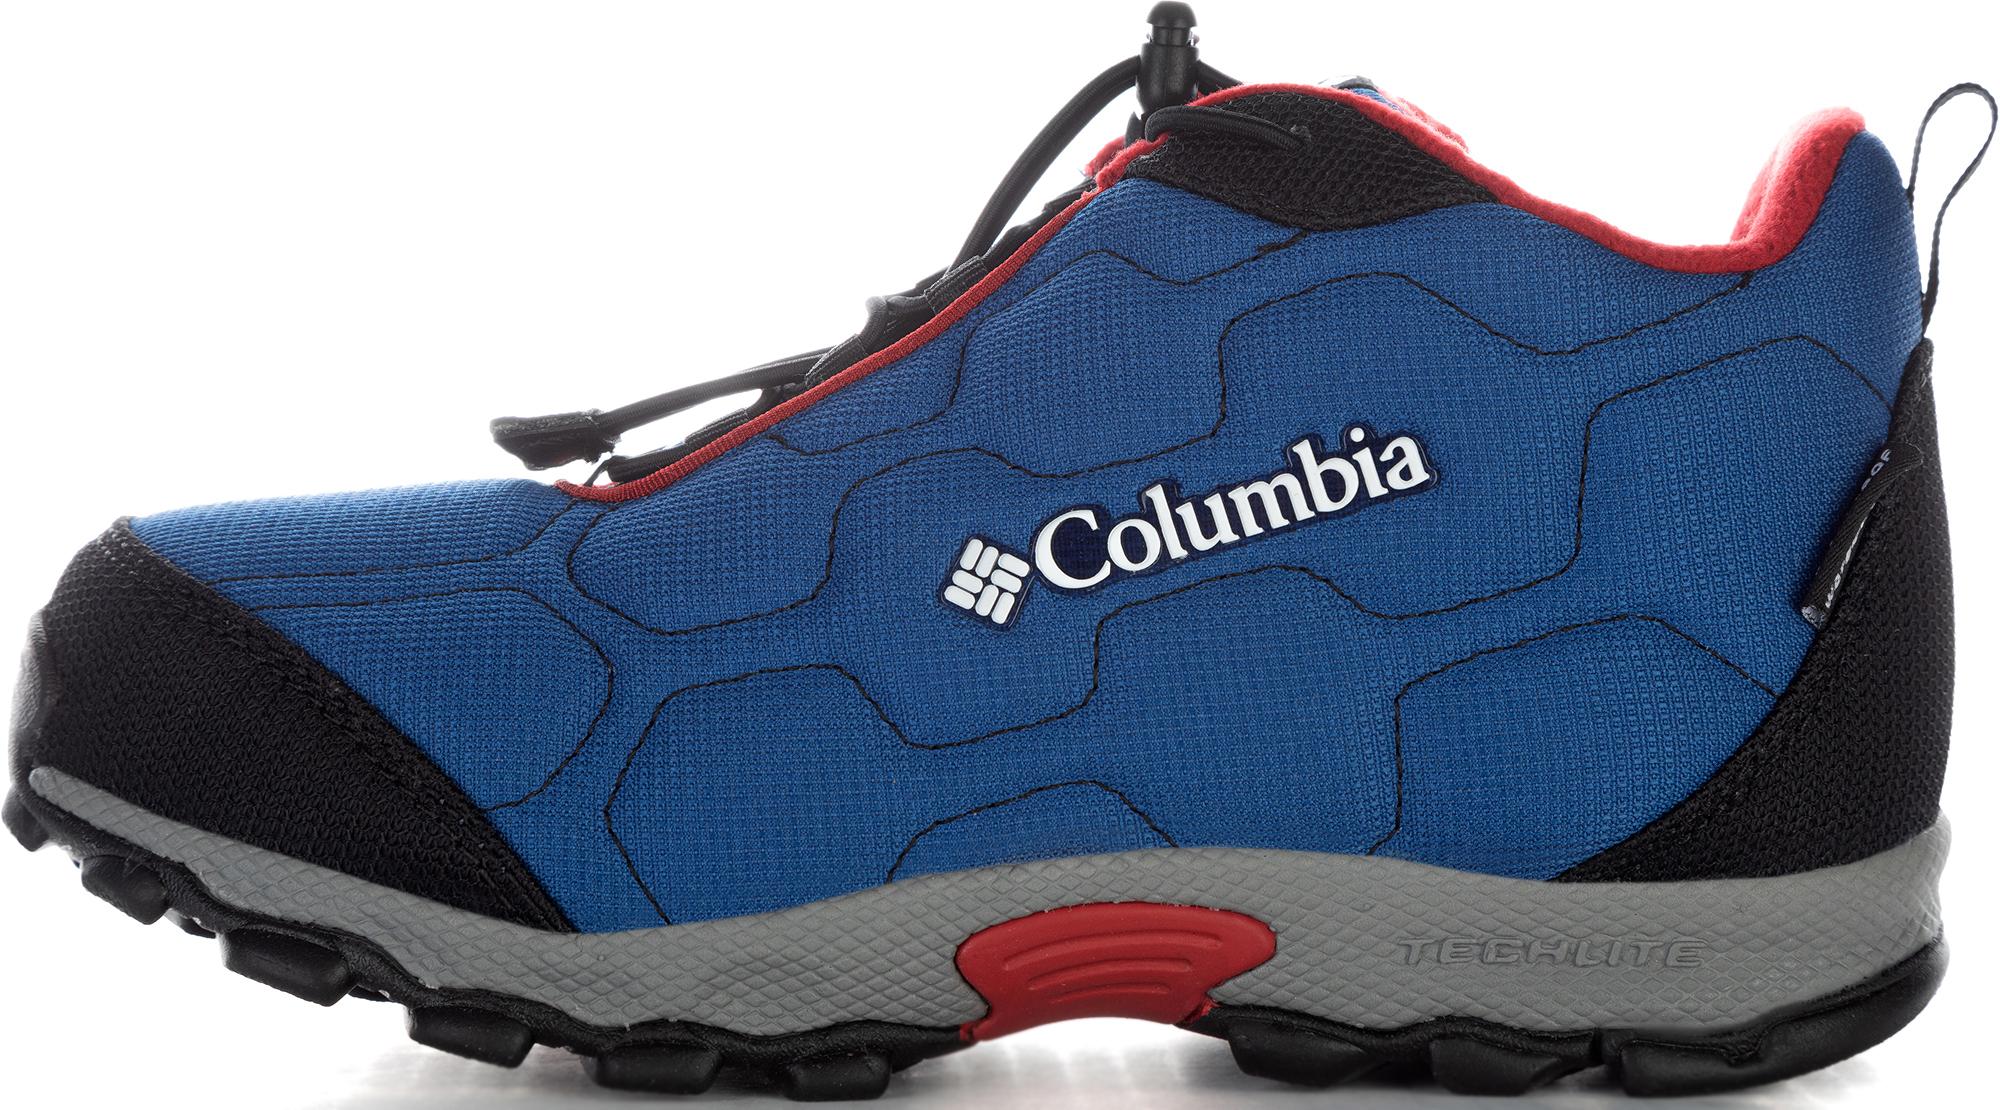 Columbia Ботинки утепленные для мальчиков Columbia Youth Firecamp 2, размер 31.5 columbia ботинки утепленные мужские columbia firecamp размер 43